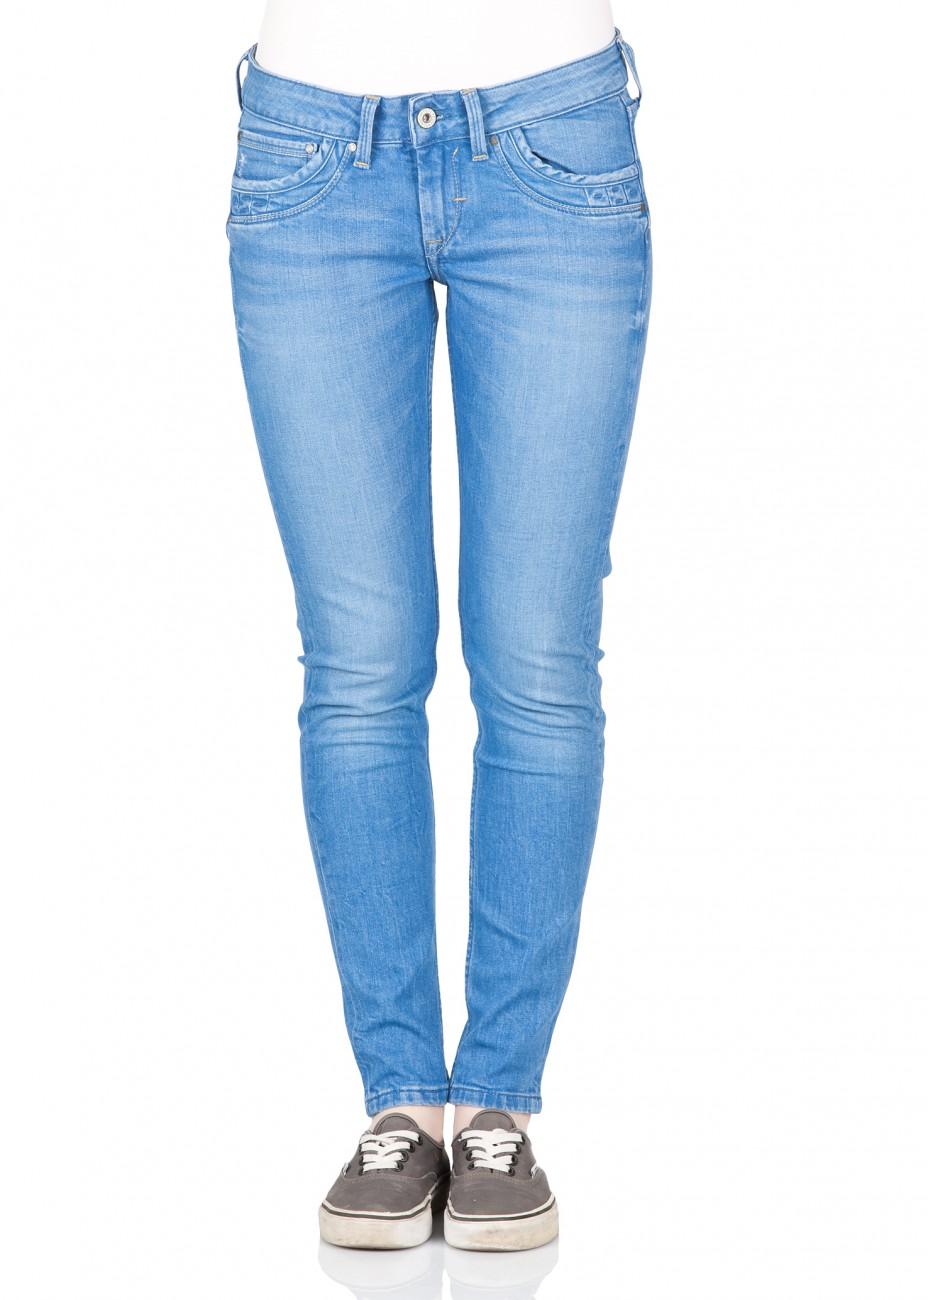 Pepe jeans jogginghose damen